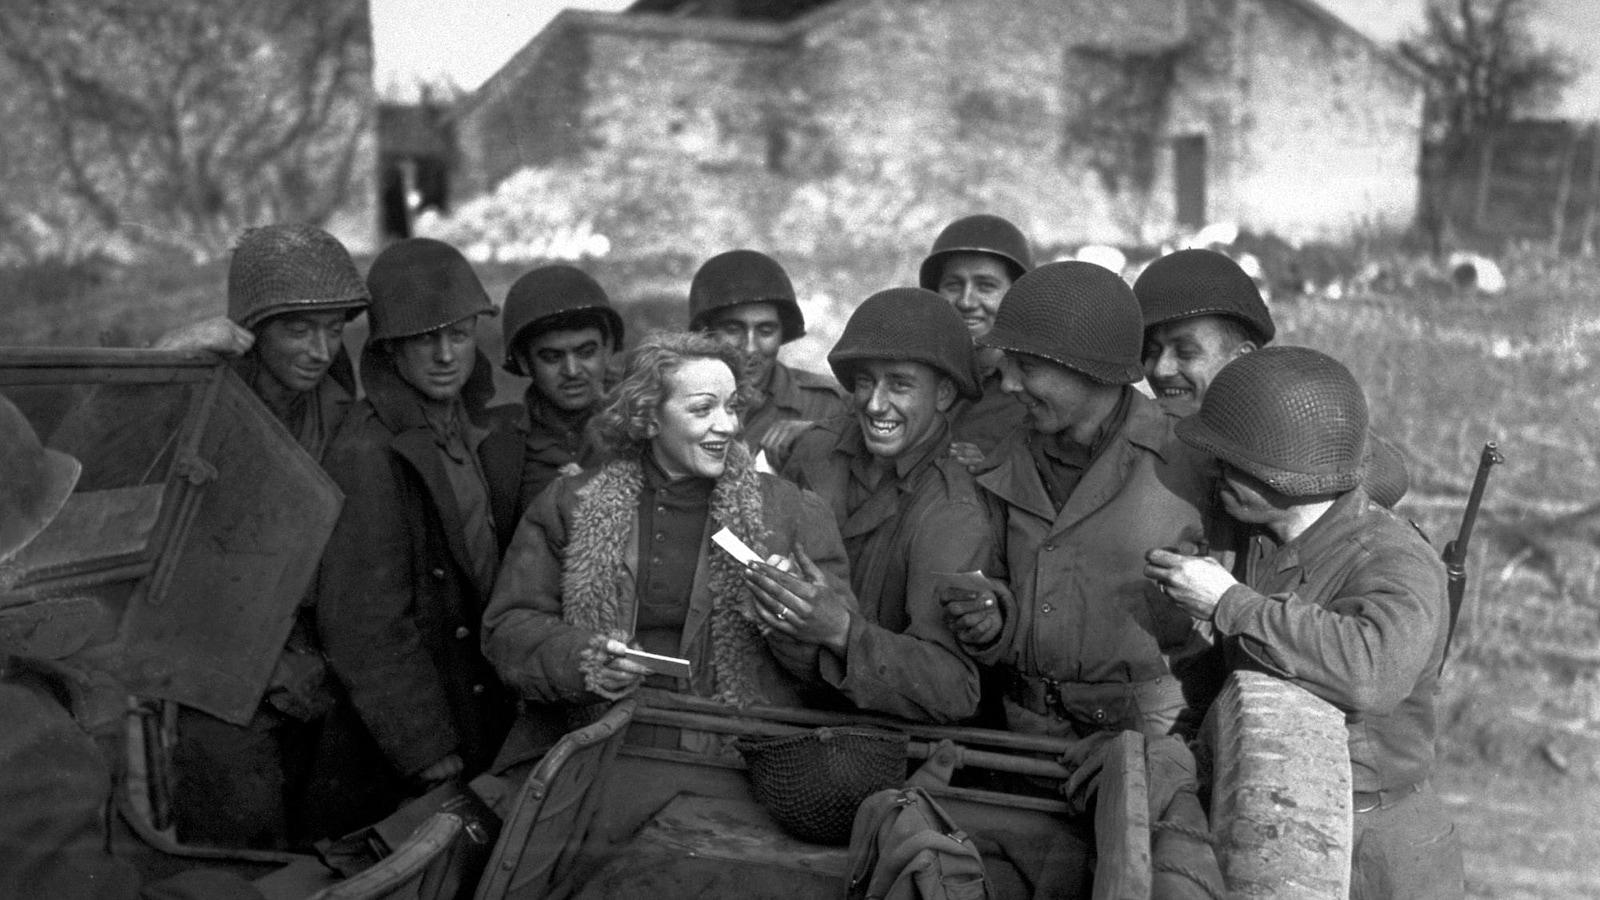 Photo en noir et blanc d'une femme entourée de soldats et qui donne une feuille de papier à l'un d'entre eux.